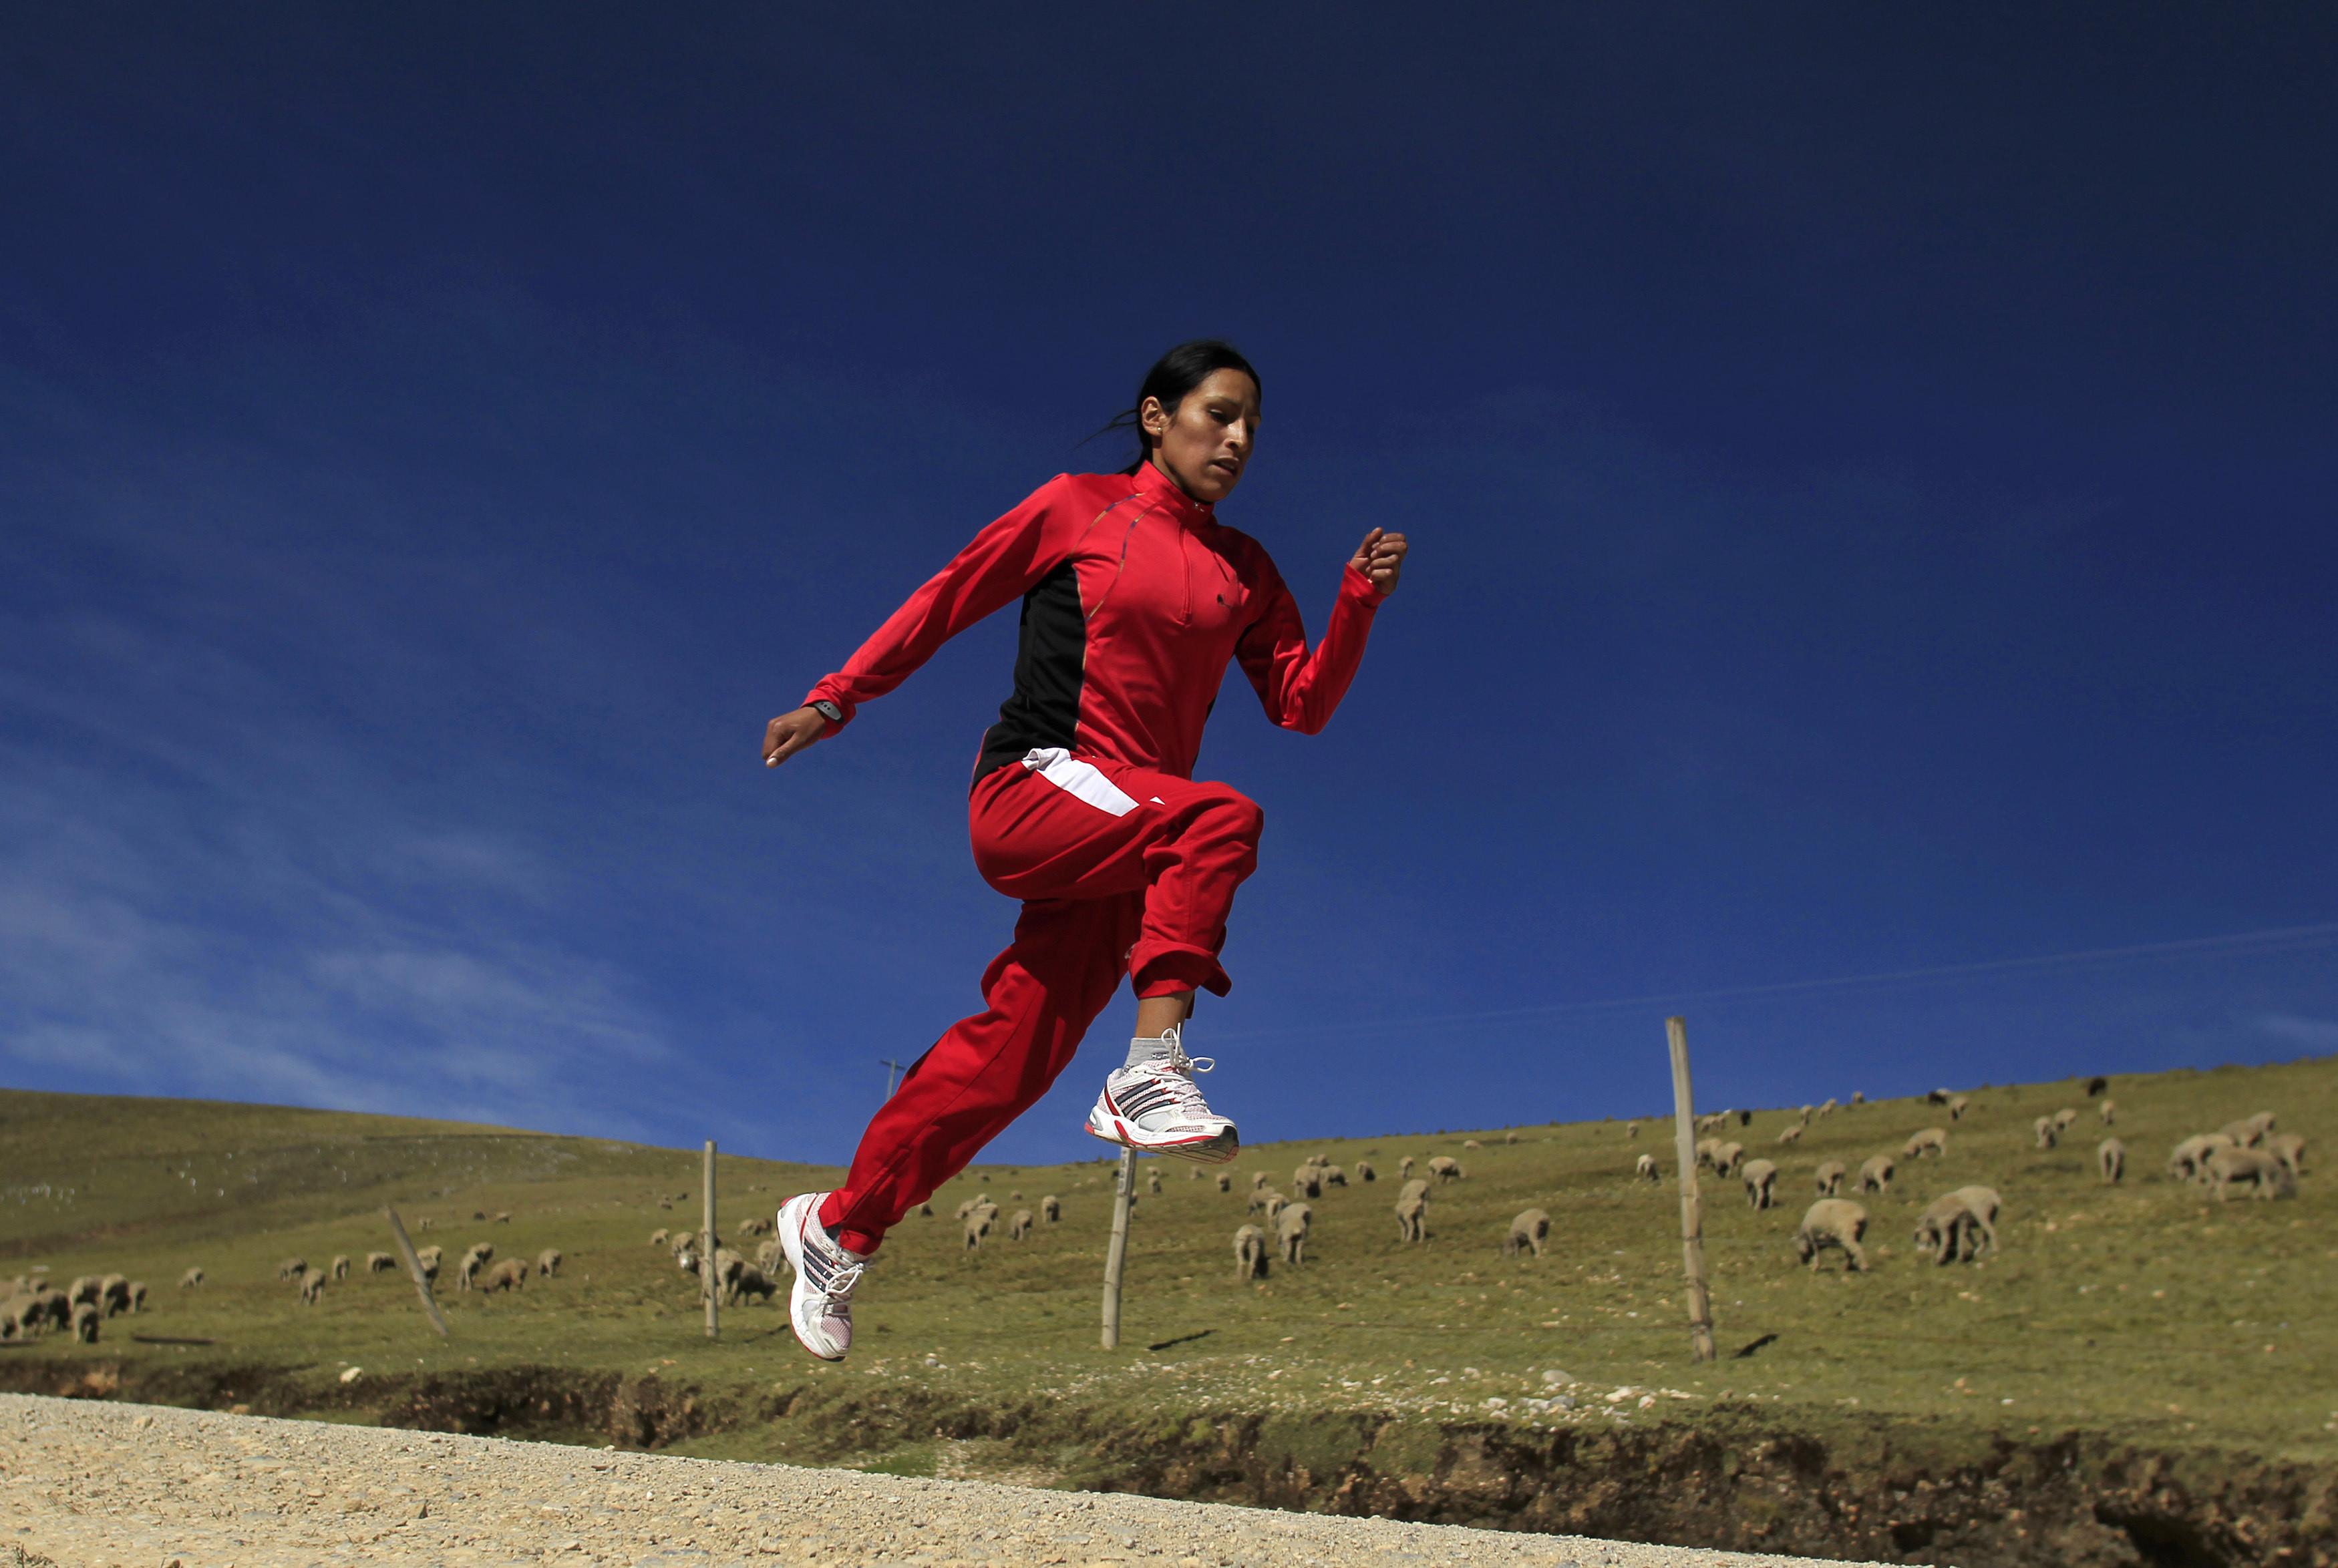 a woman runs in a field